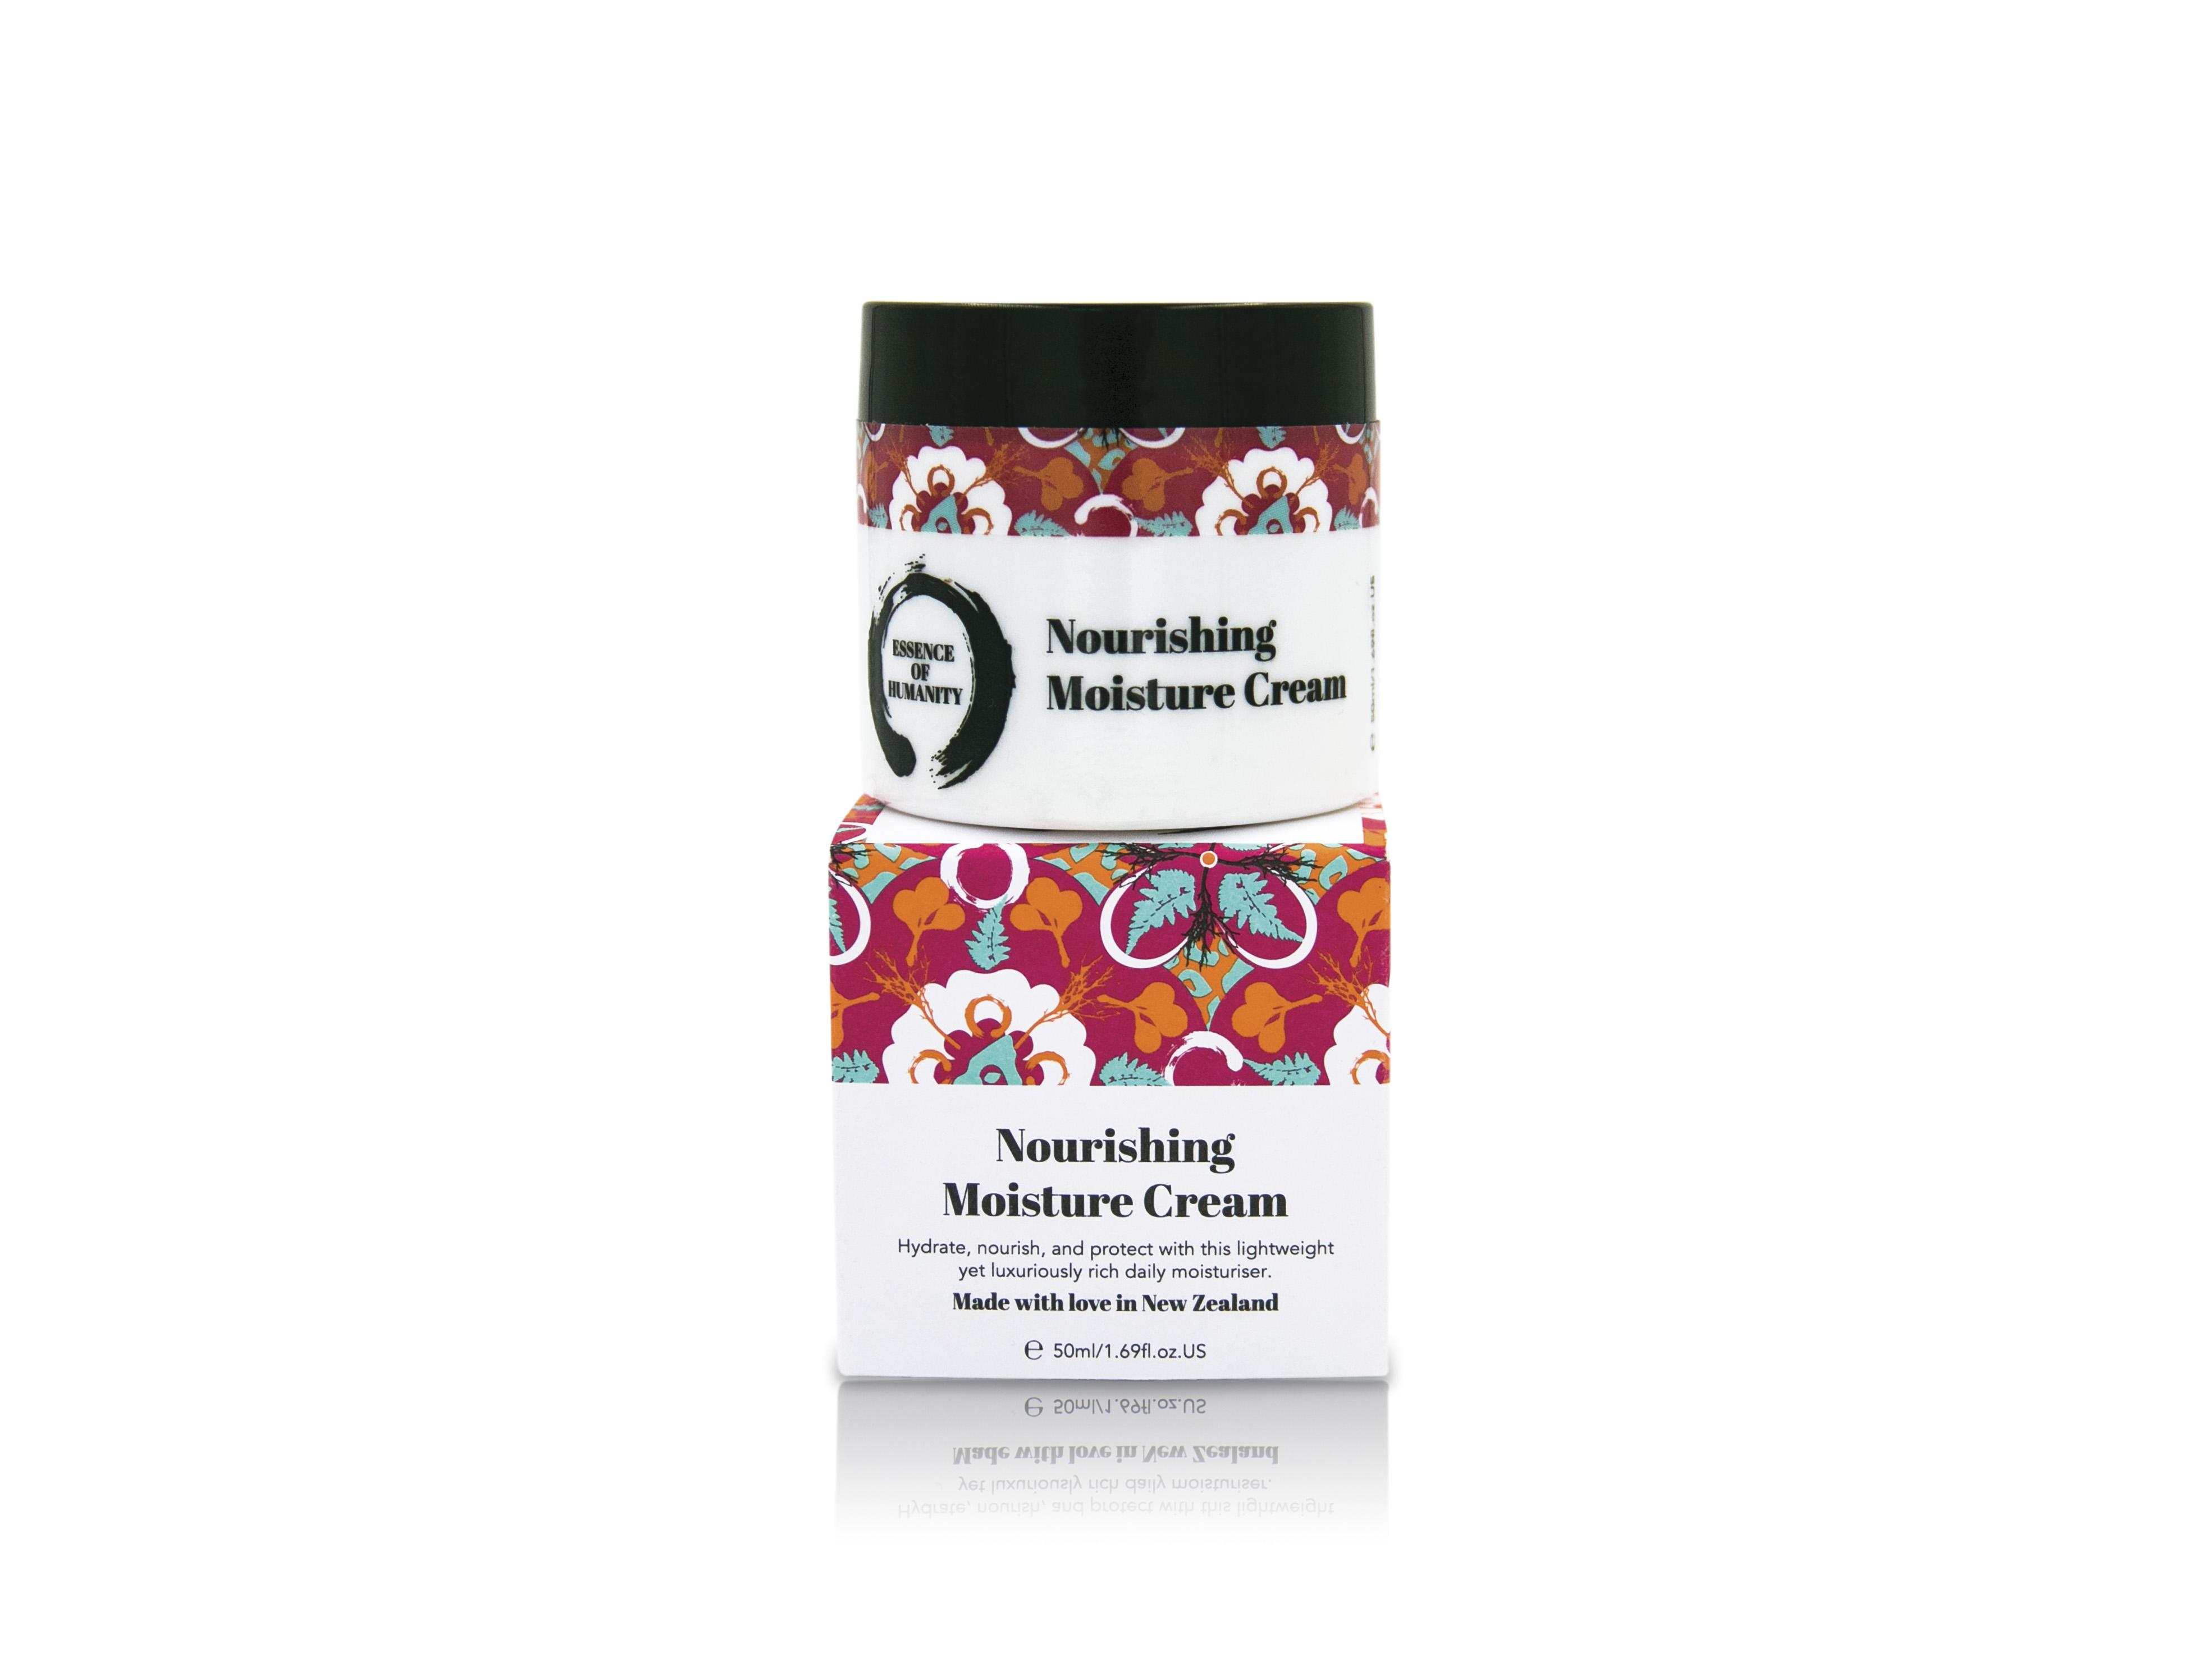 Nourishing Moisture Cream Box 1 CMYK